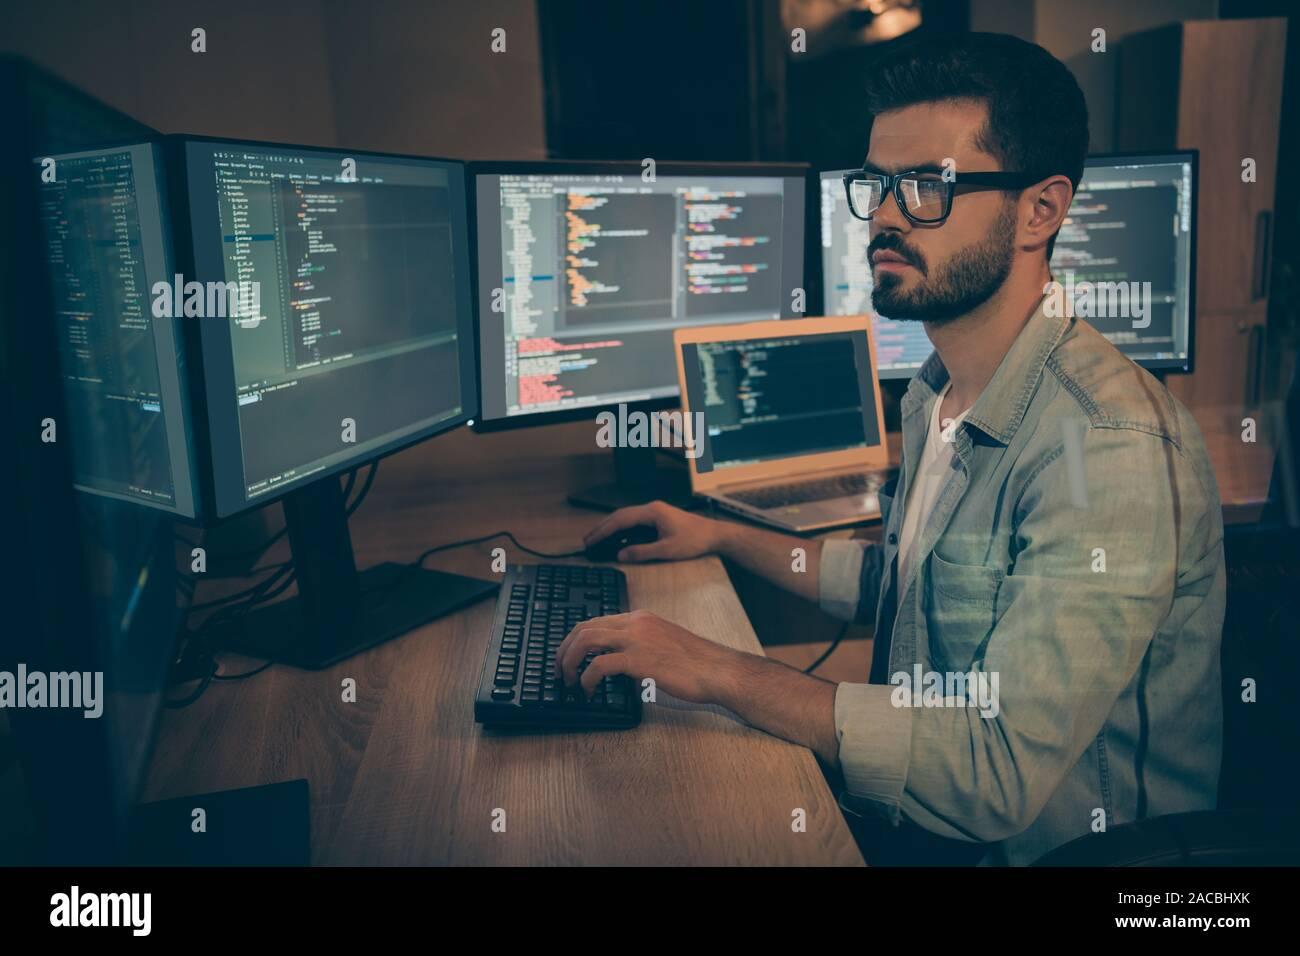 Foto de graves administrador responsable para la seguridad cibernética de gran corporación buscando brechas de seguridad existia la depuración de sistema operativo Foto de stock